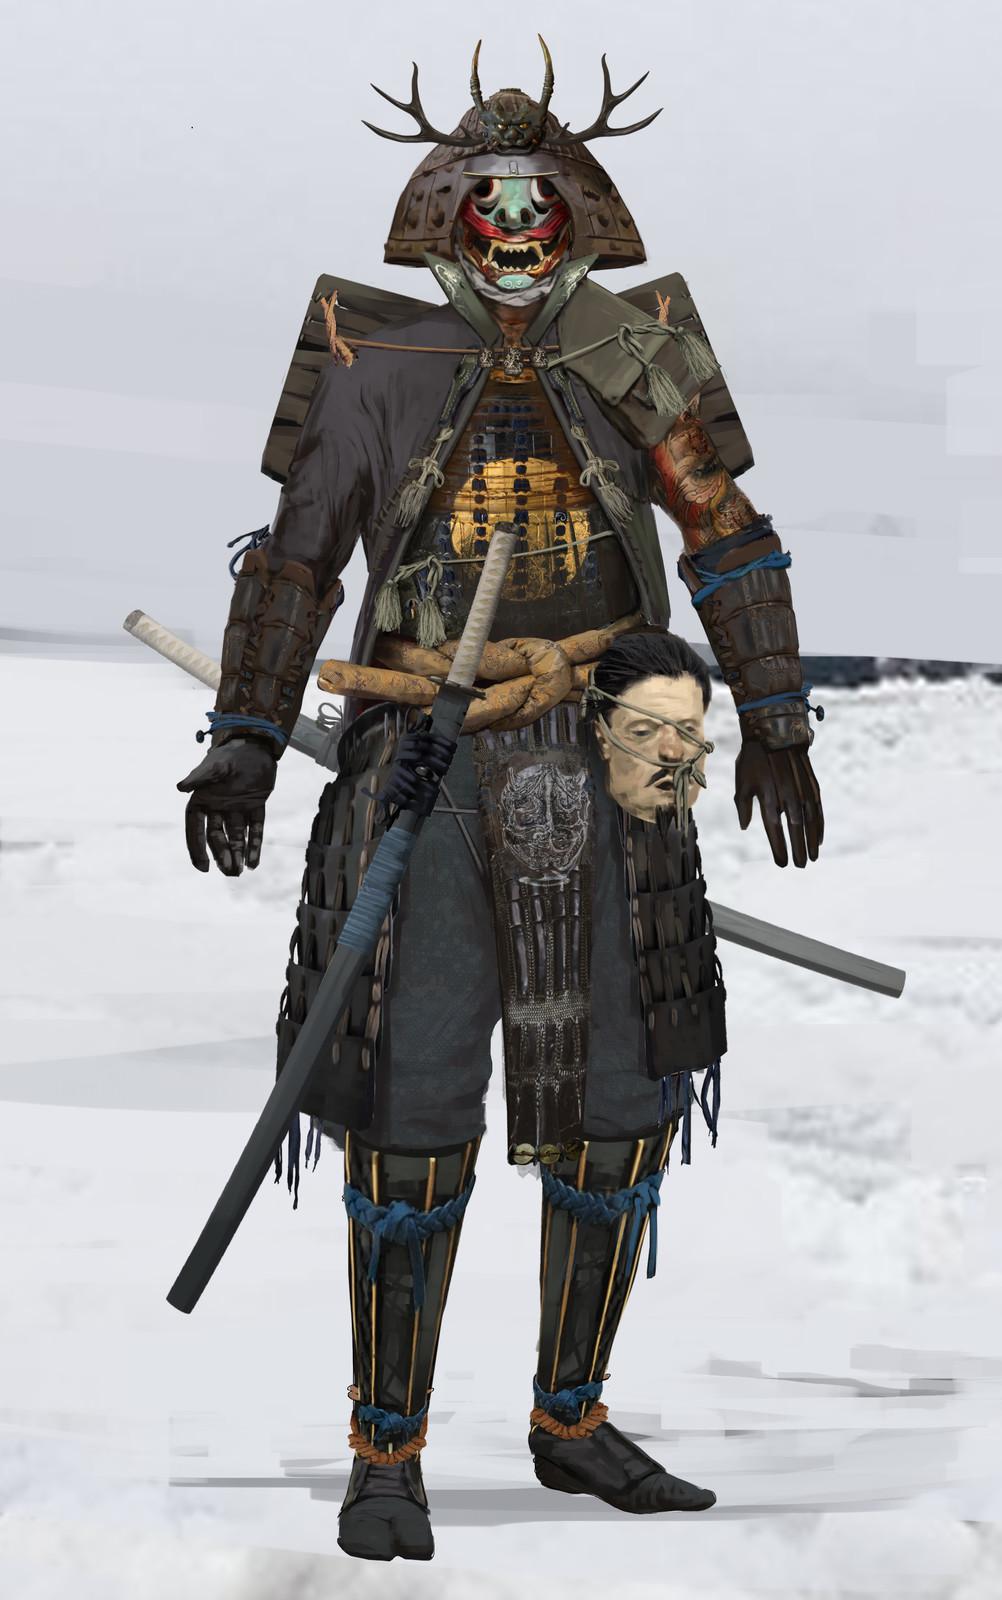 Samurai / Ronin